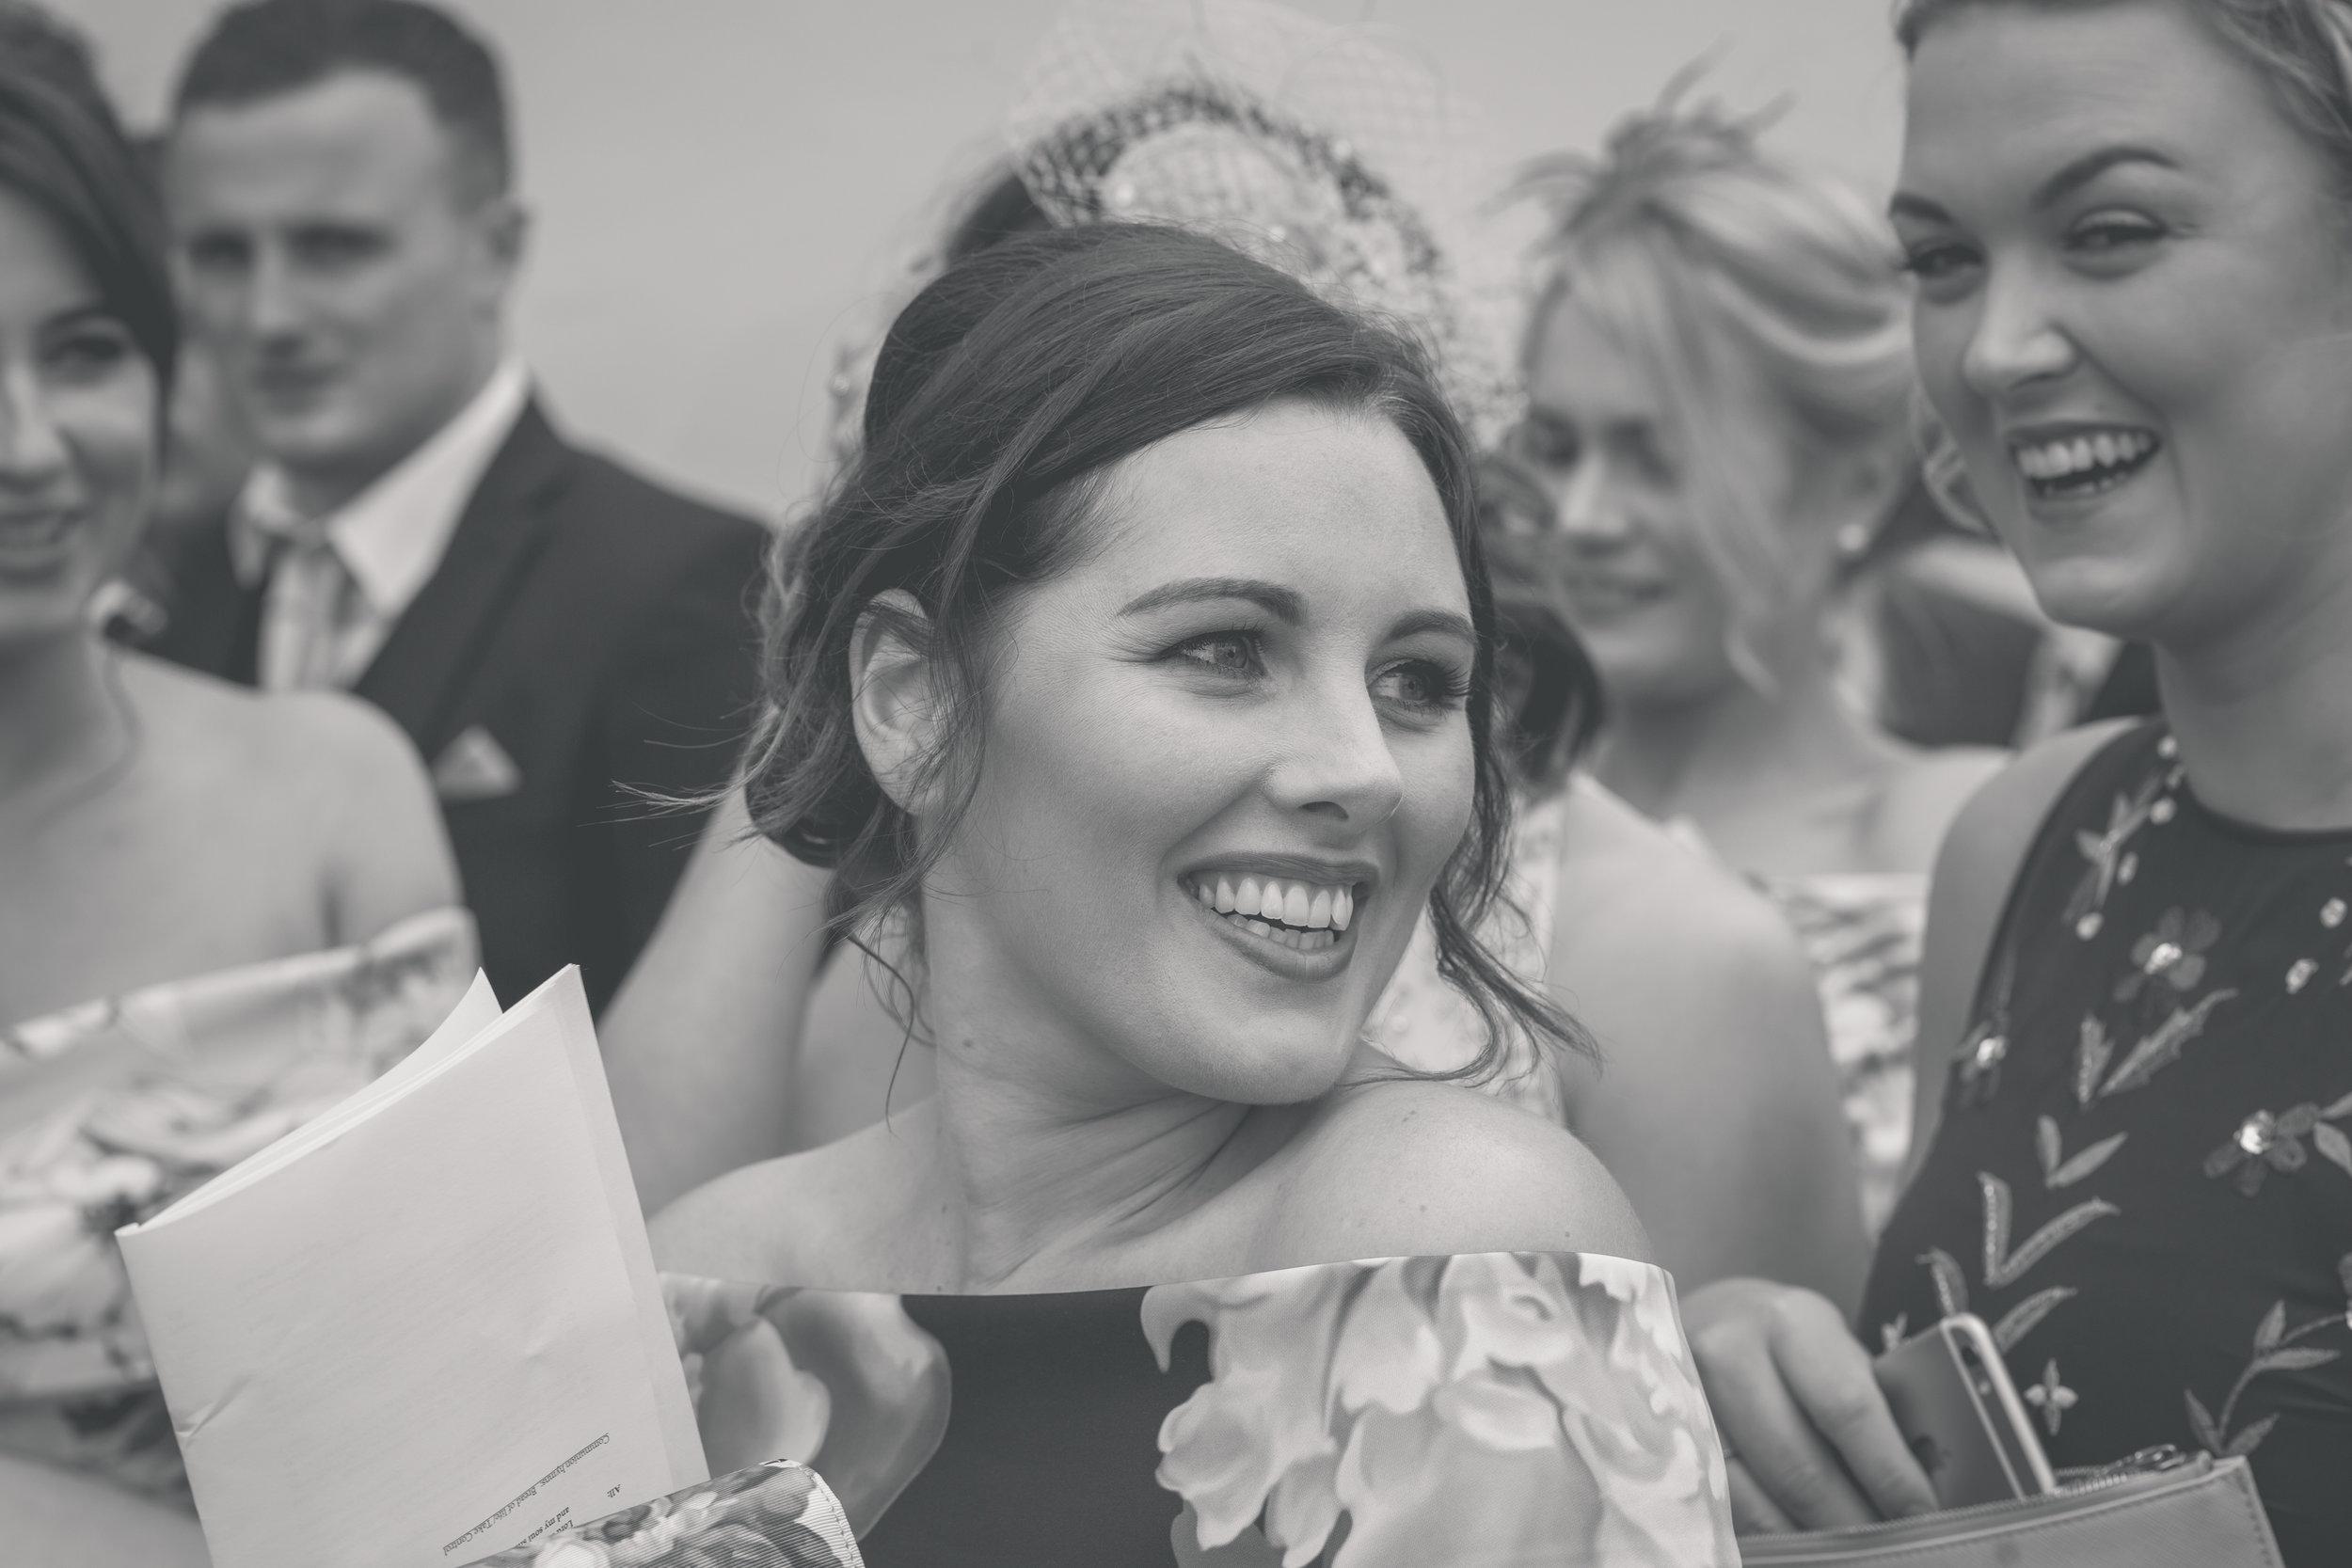 Brian McEwan Wedding Photography   Carol-Anne & Sean   The Ceremony-114.jpg